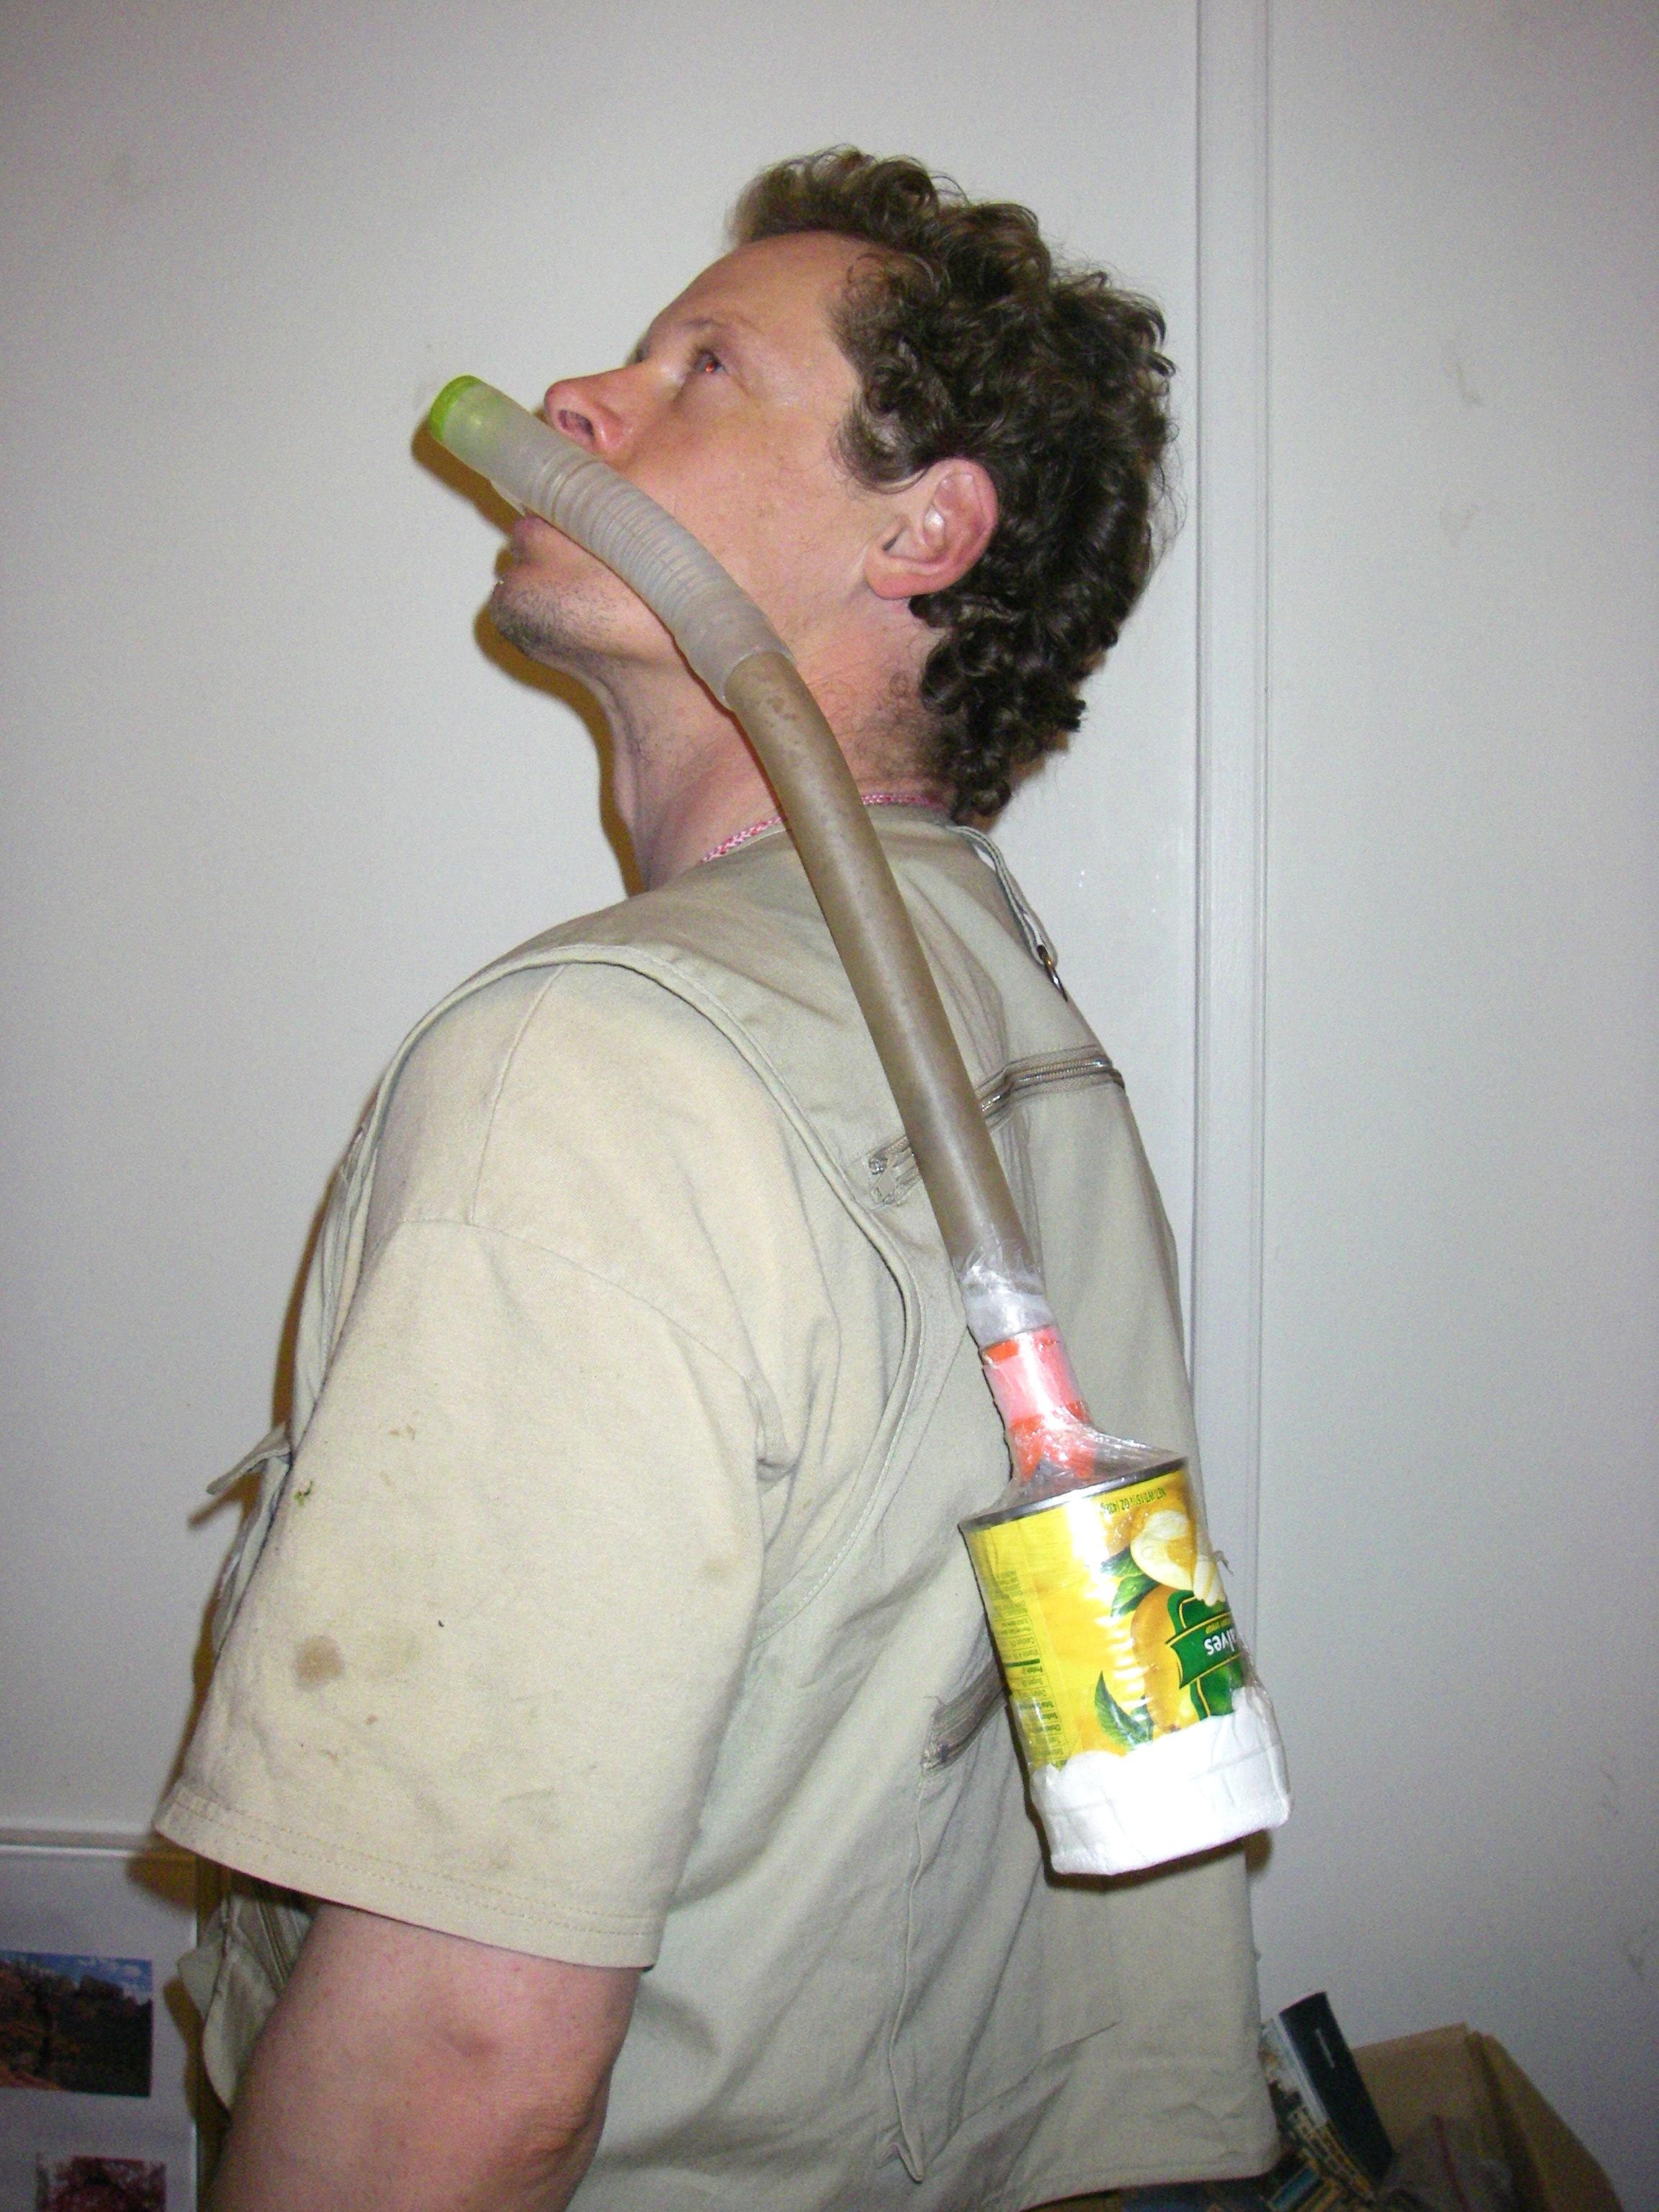 Improvised Gas Mask